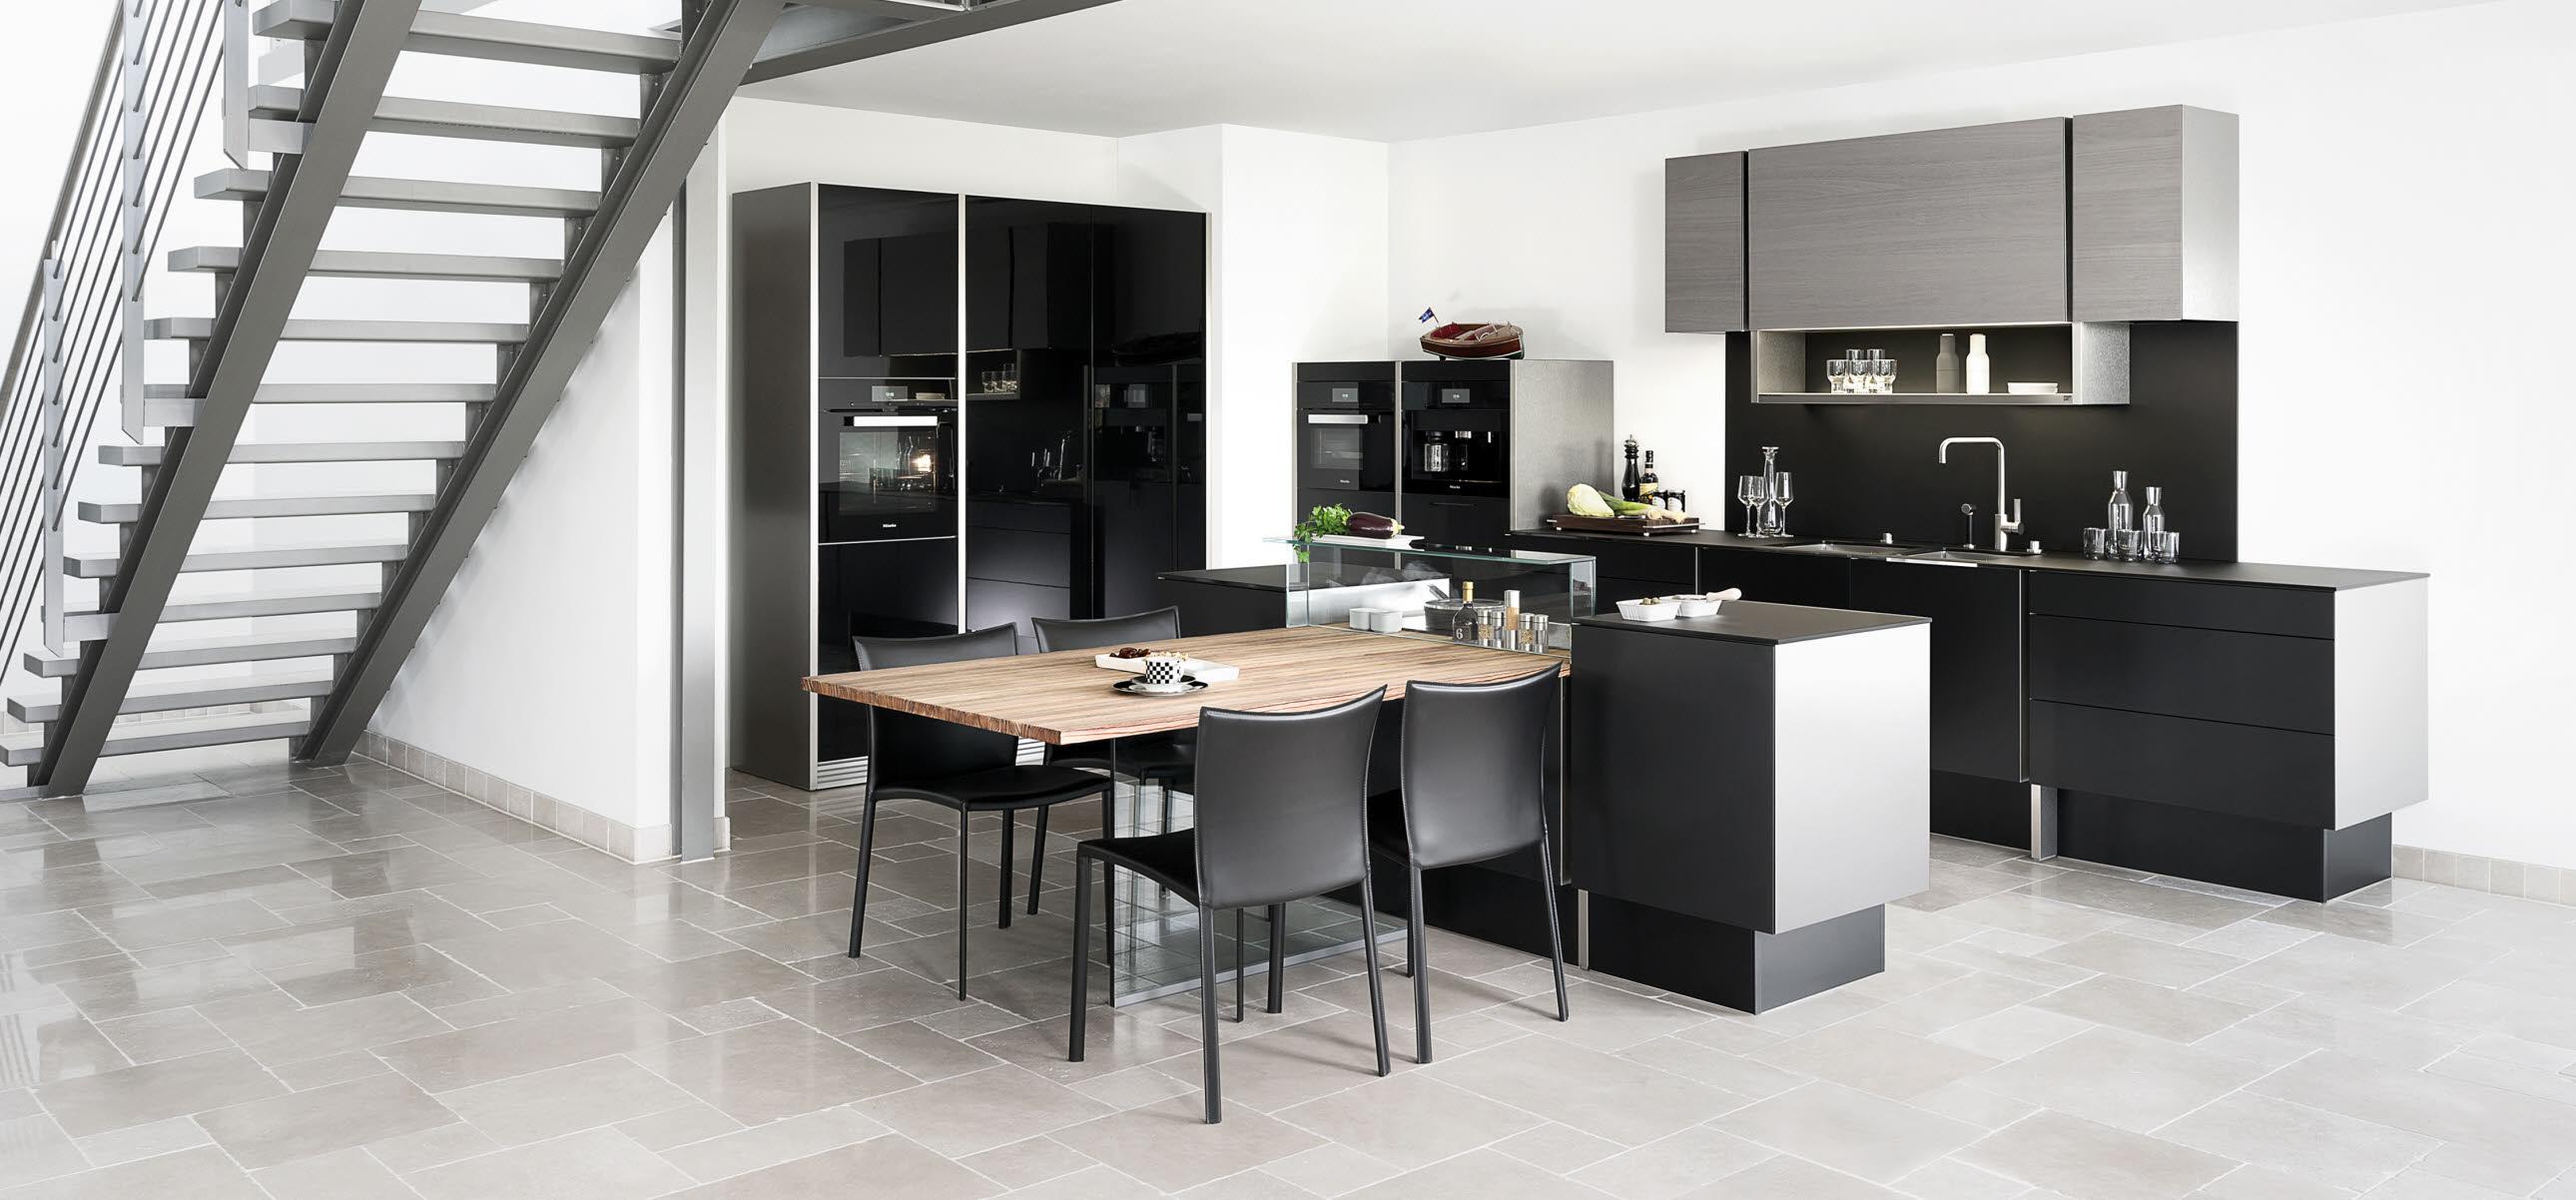 Top 3 Luxusküchen-Hersteller in 2017 - Küchenliebhaber.de